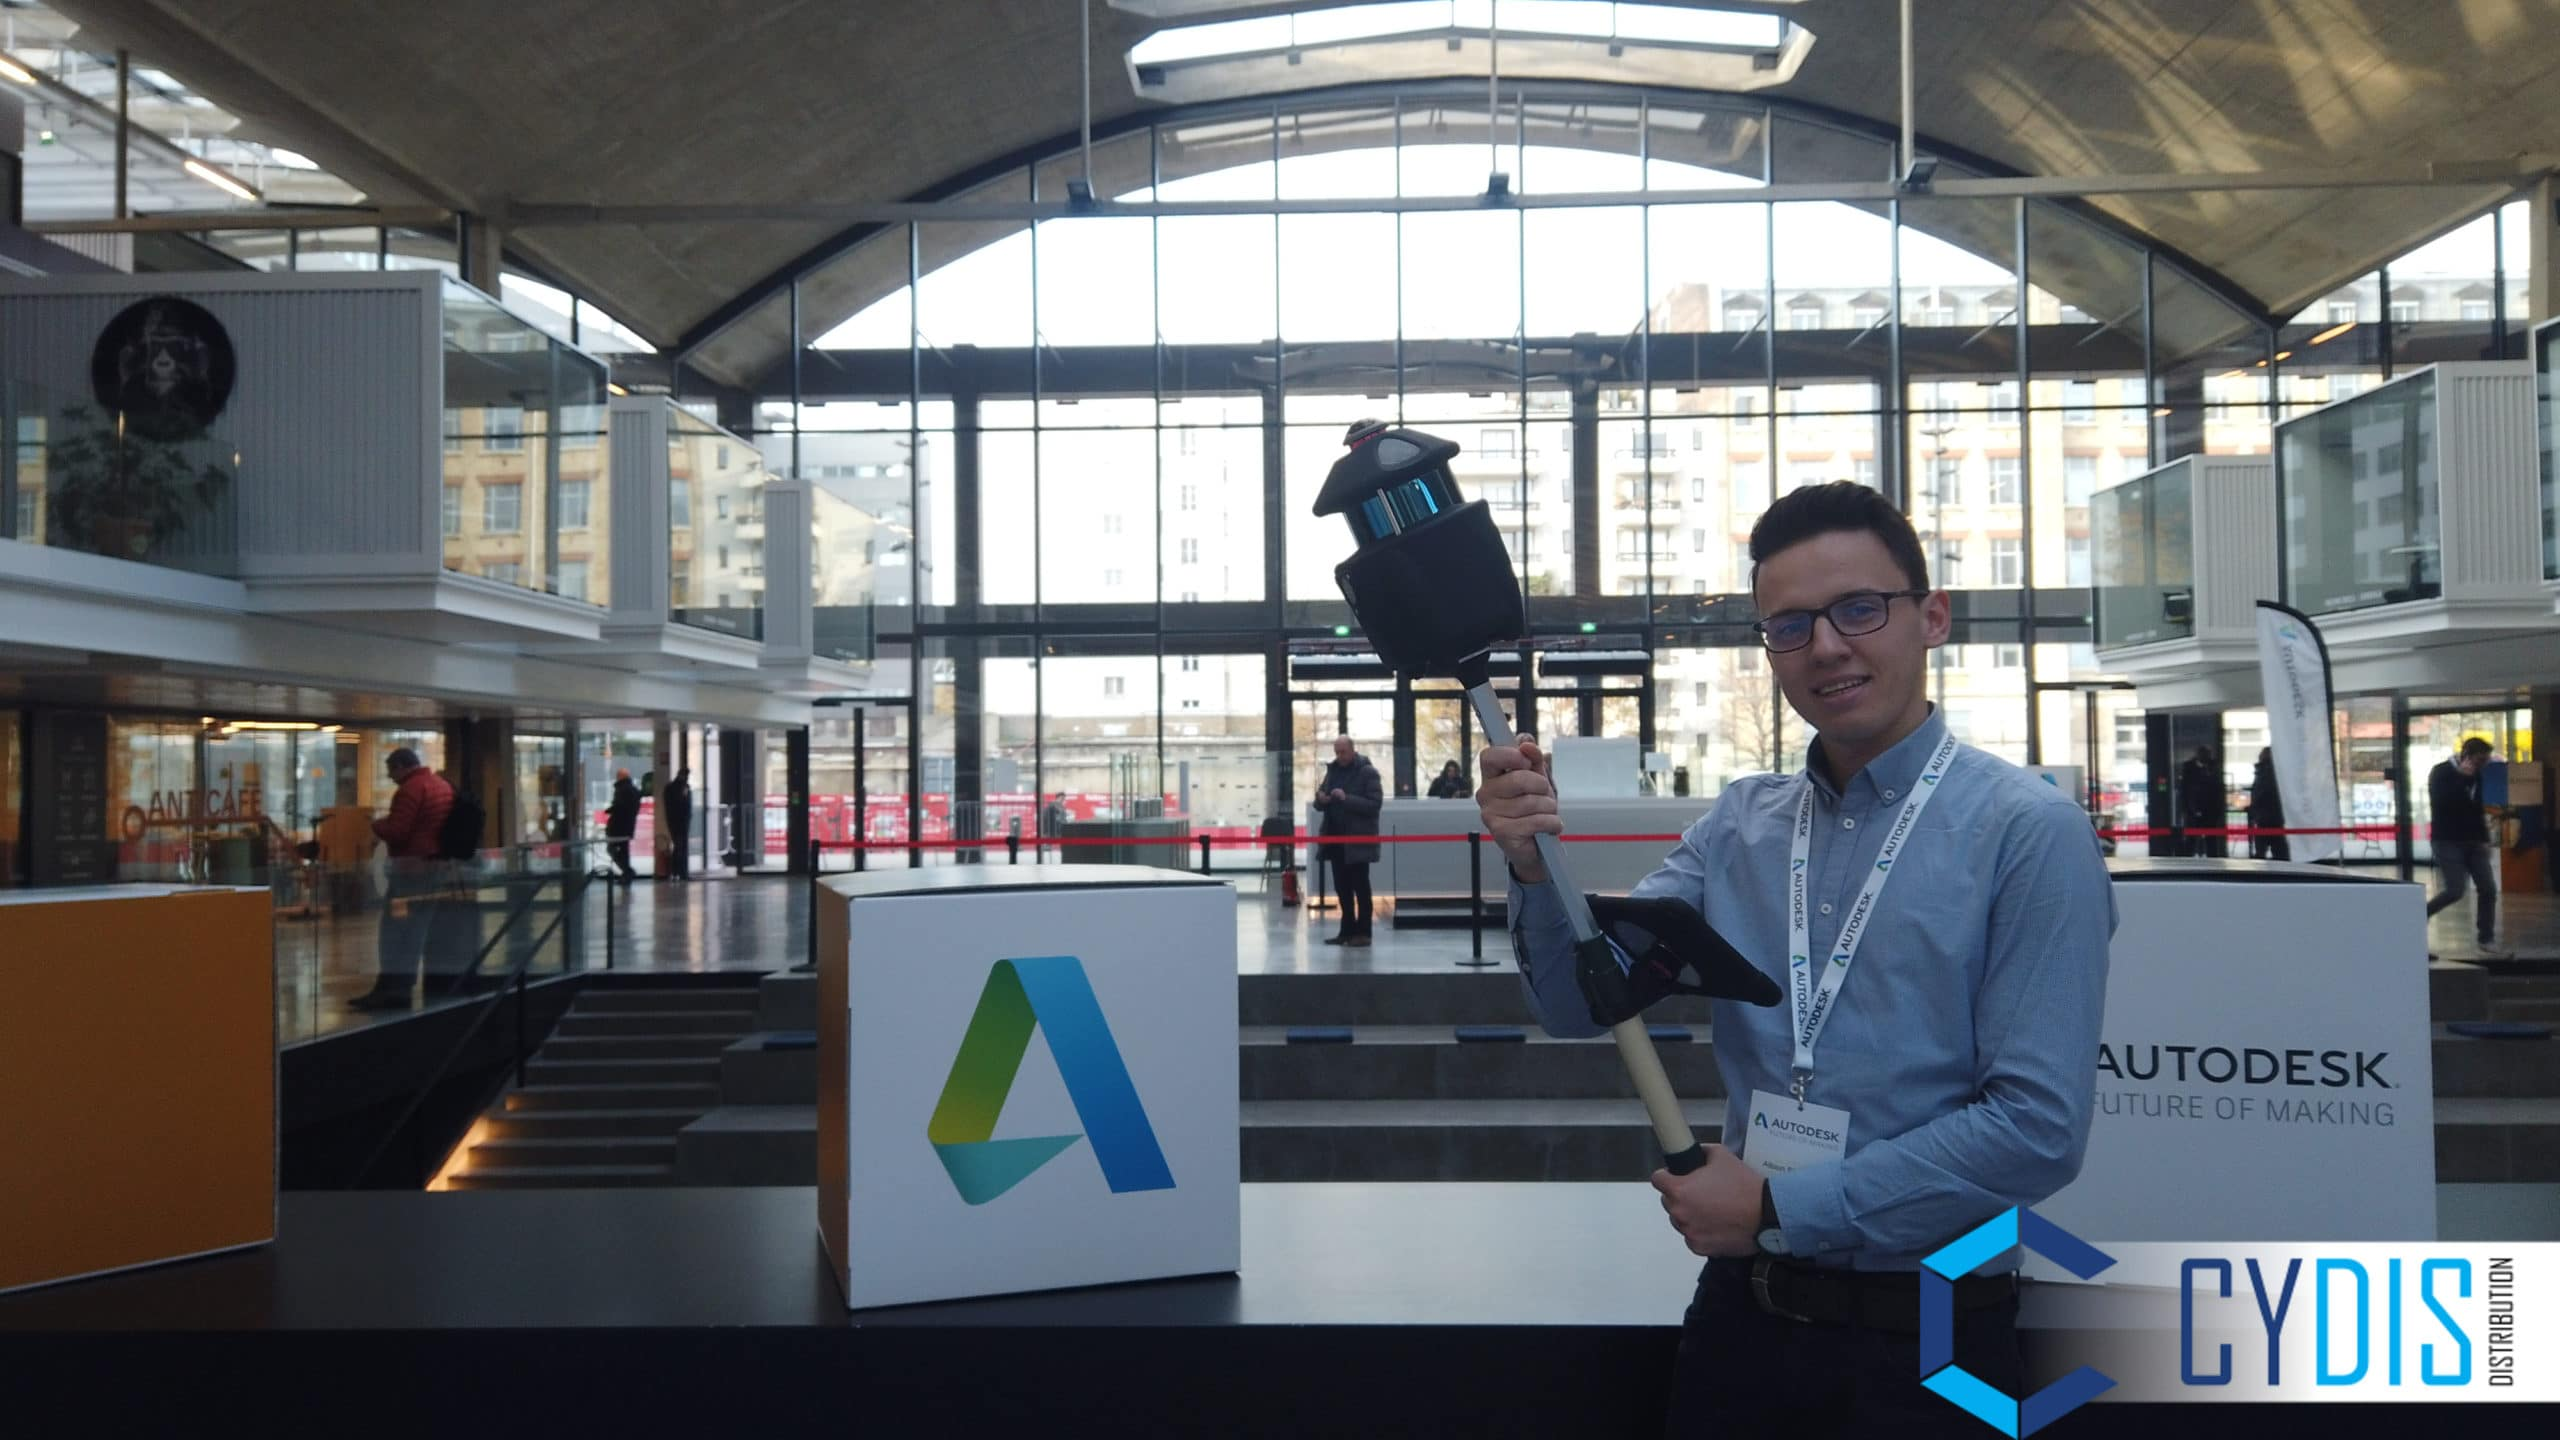 CYDIS et le PX-80 au Autodesk FOM Paris